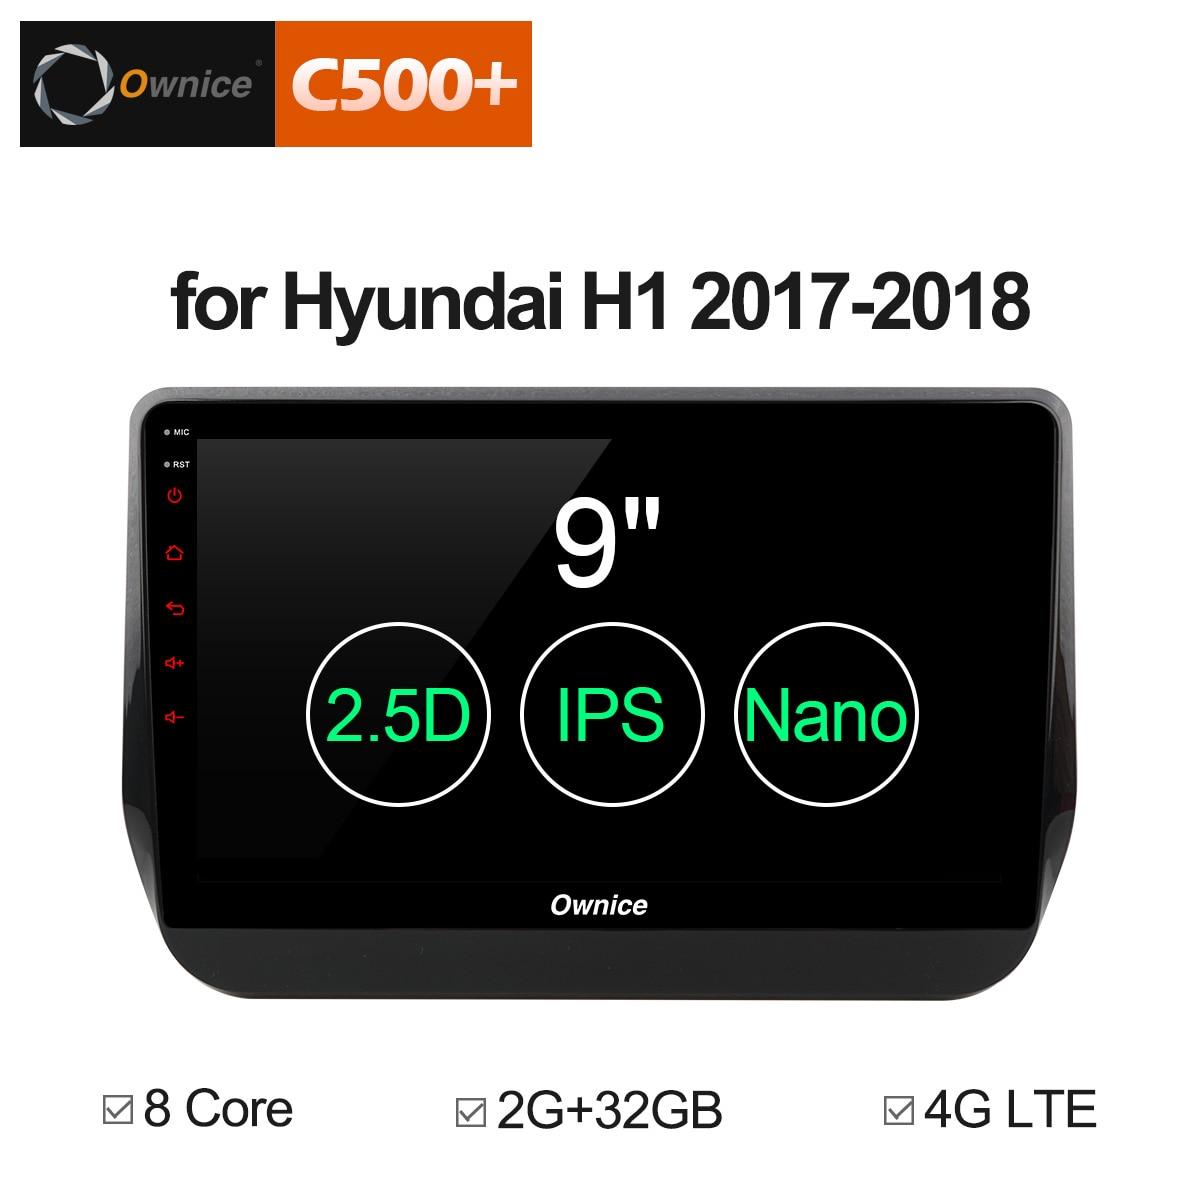 Ownice C500 + G10 9 pollice Auto Lettore DVD sistema di Navigazione GPS 2017 2018 per Hyundai H1 Gran Starex Octa core 32RB ROM lettore auto